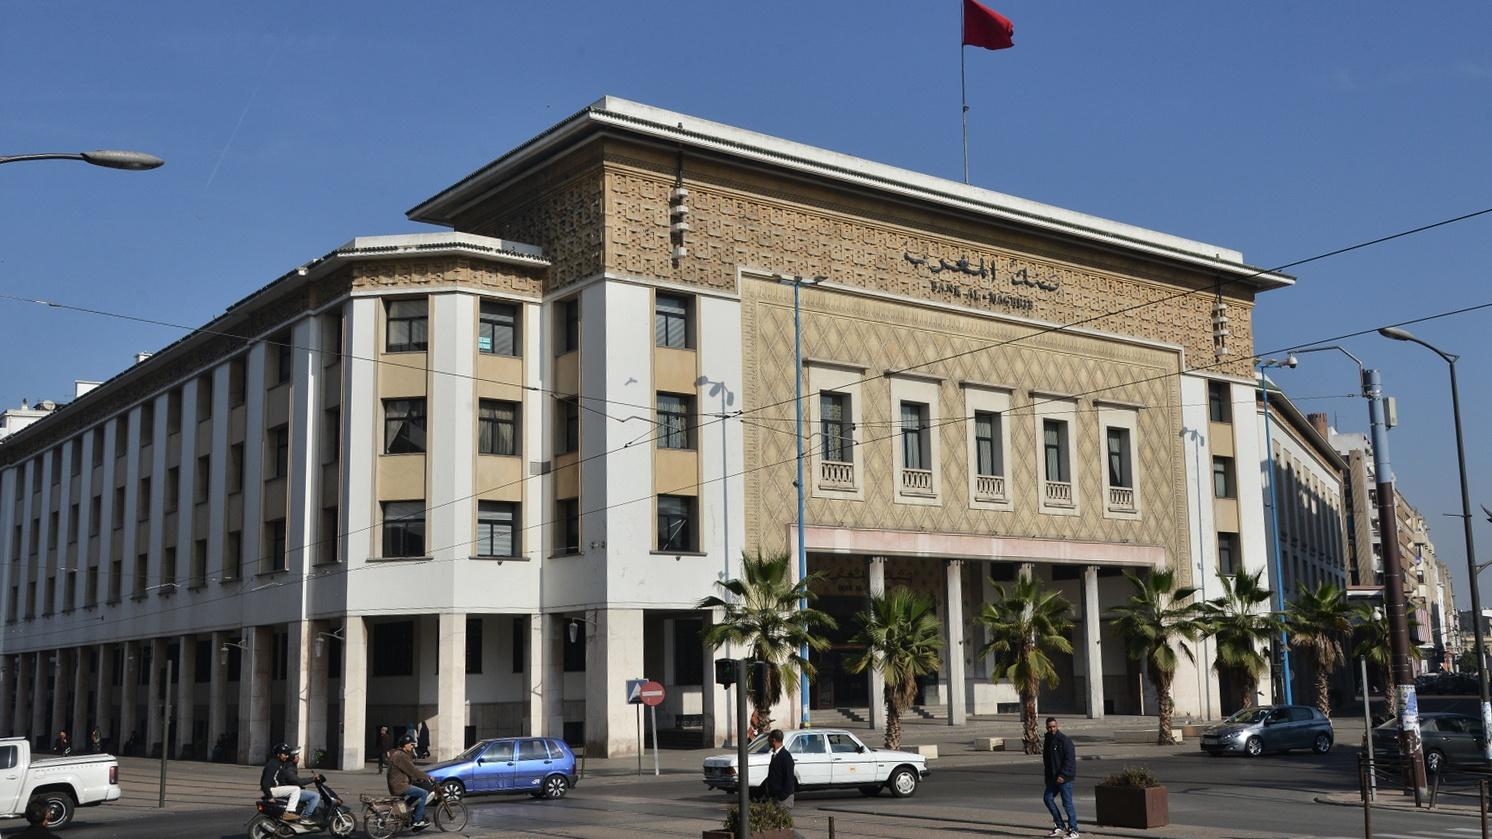 Après que l'Office des changes ait conclu à l'illégalité de l'utilisation des monnaies virtuelles, c'est autour de Bank Al-Maghrib, du ministère de l'Economie et des finances et de l'Autorité marocaine des marchés des capitaux de mettre en